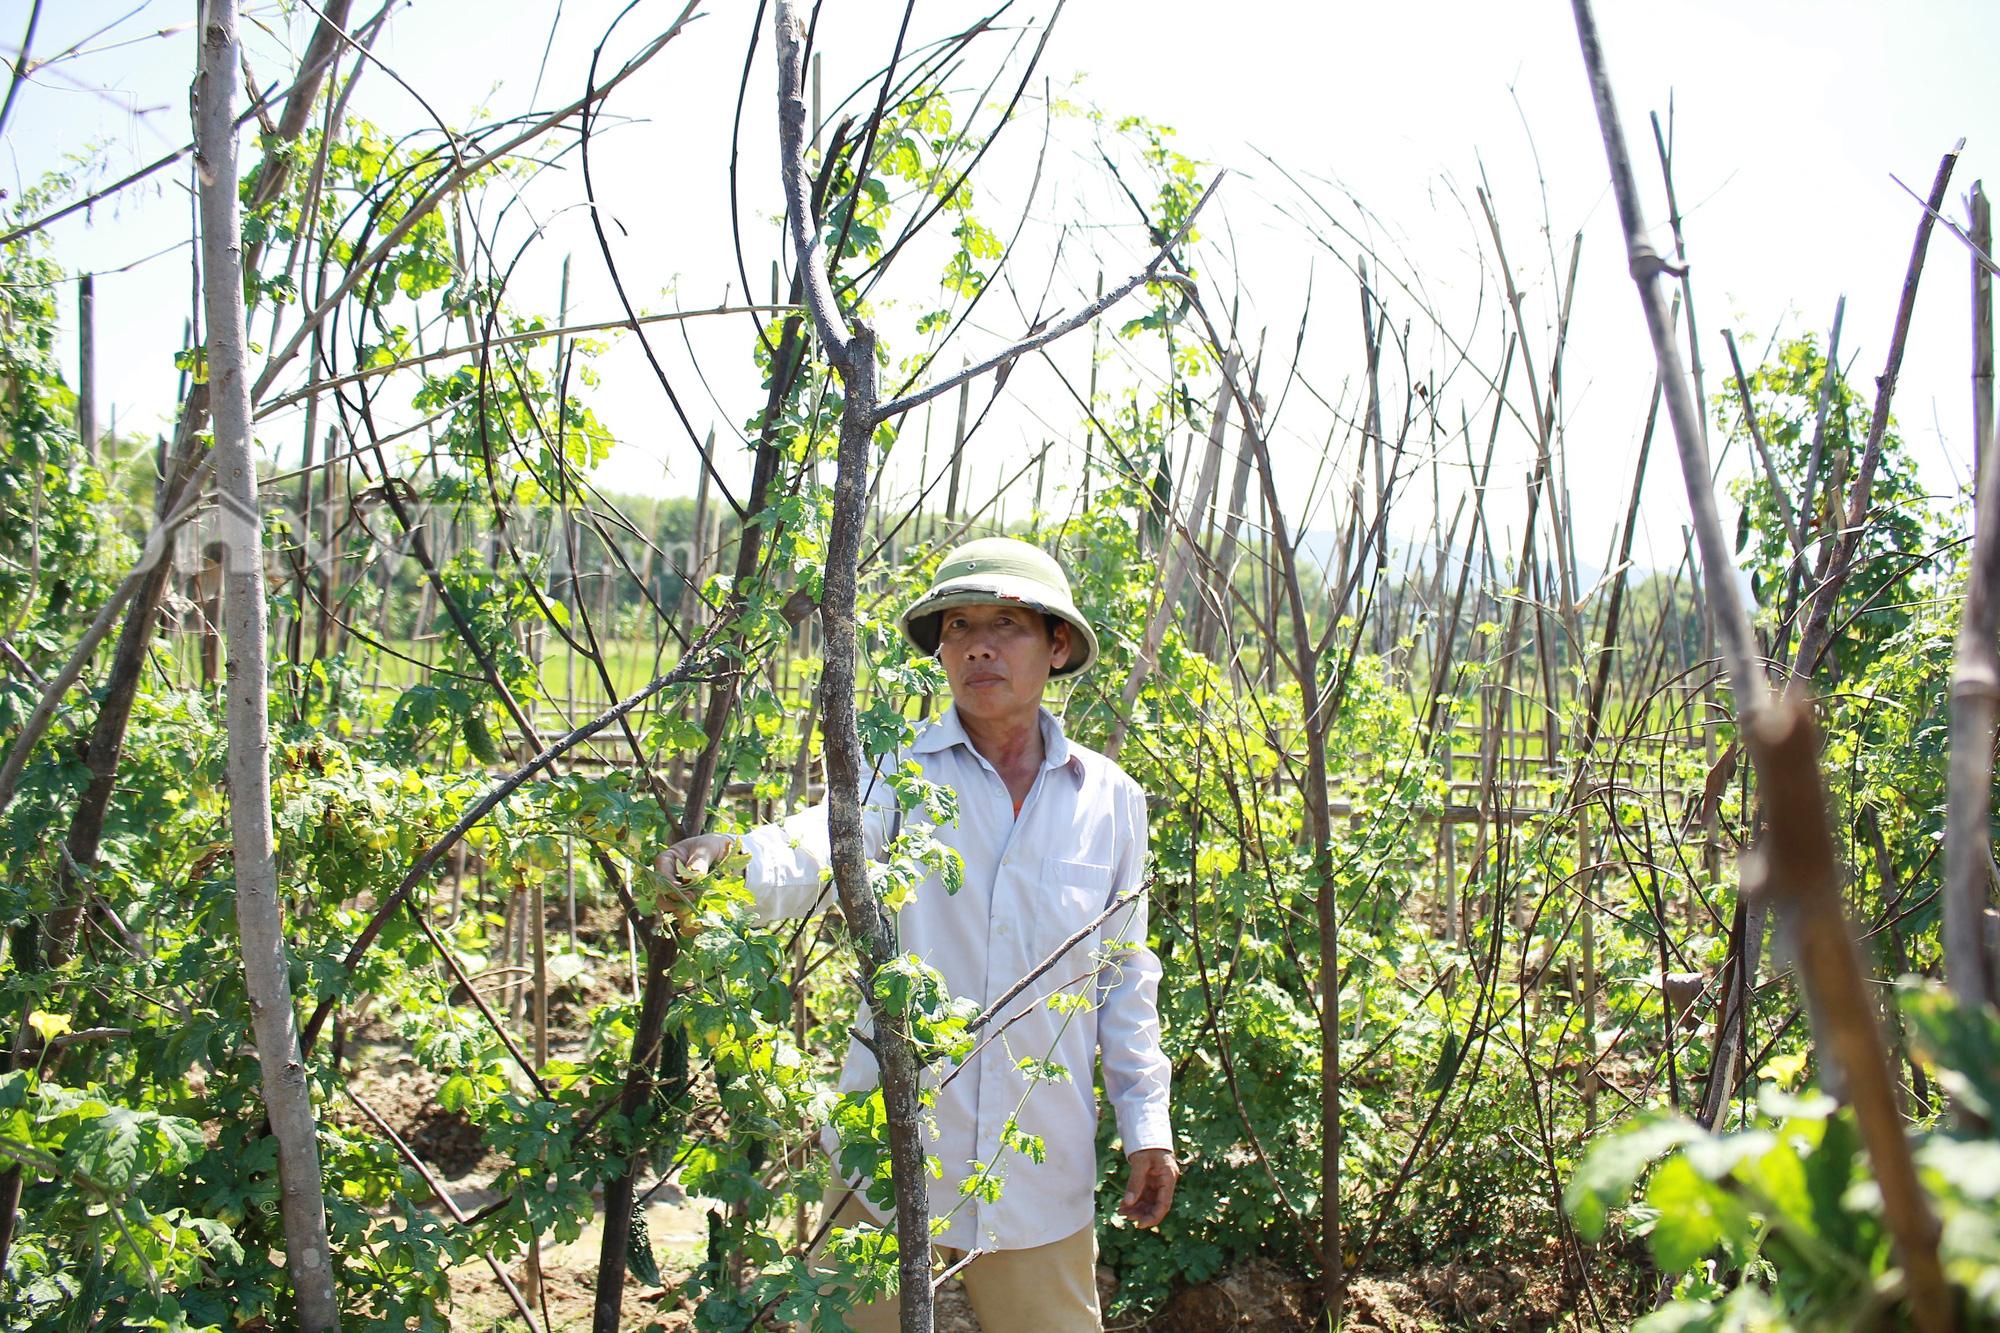 Nghệ An: Biến ruộng lúa kém hiệu quả thành vườn rau, nông dân thu trăm triệu/năm - Ảnh 1.